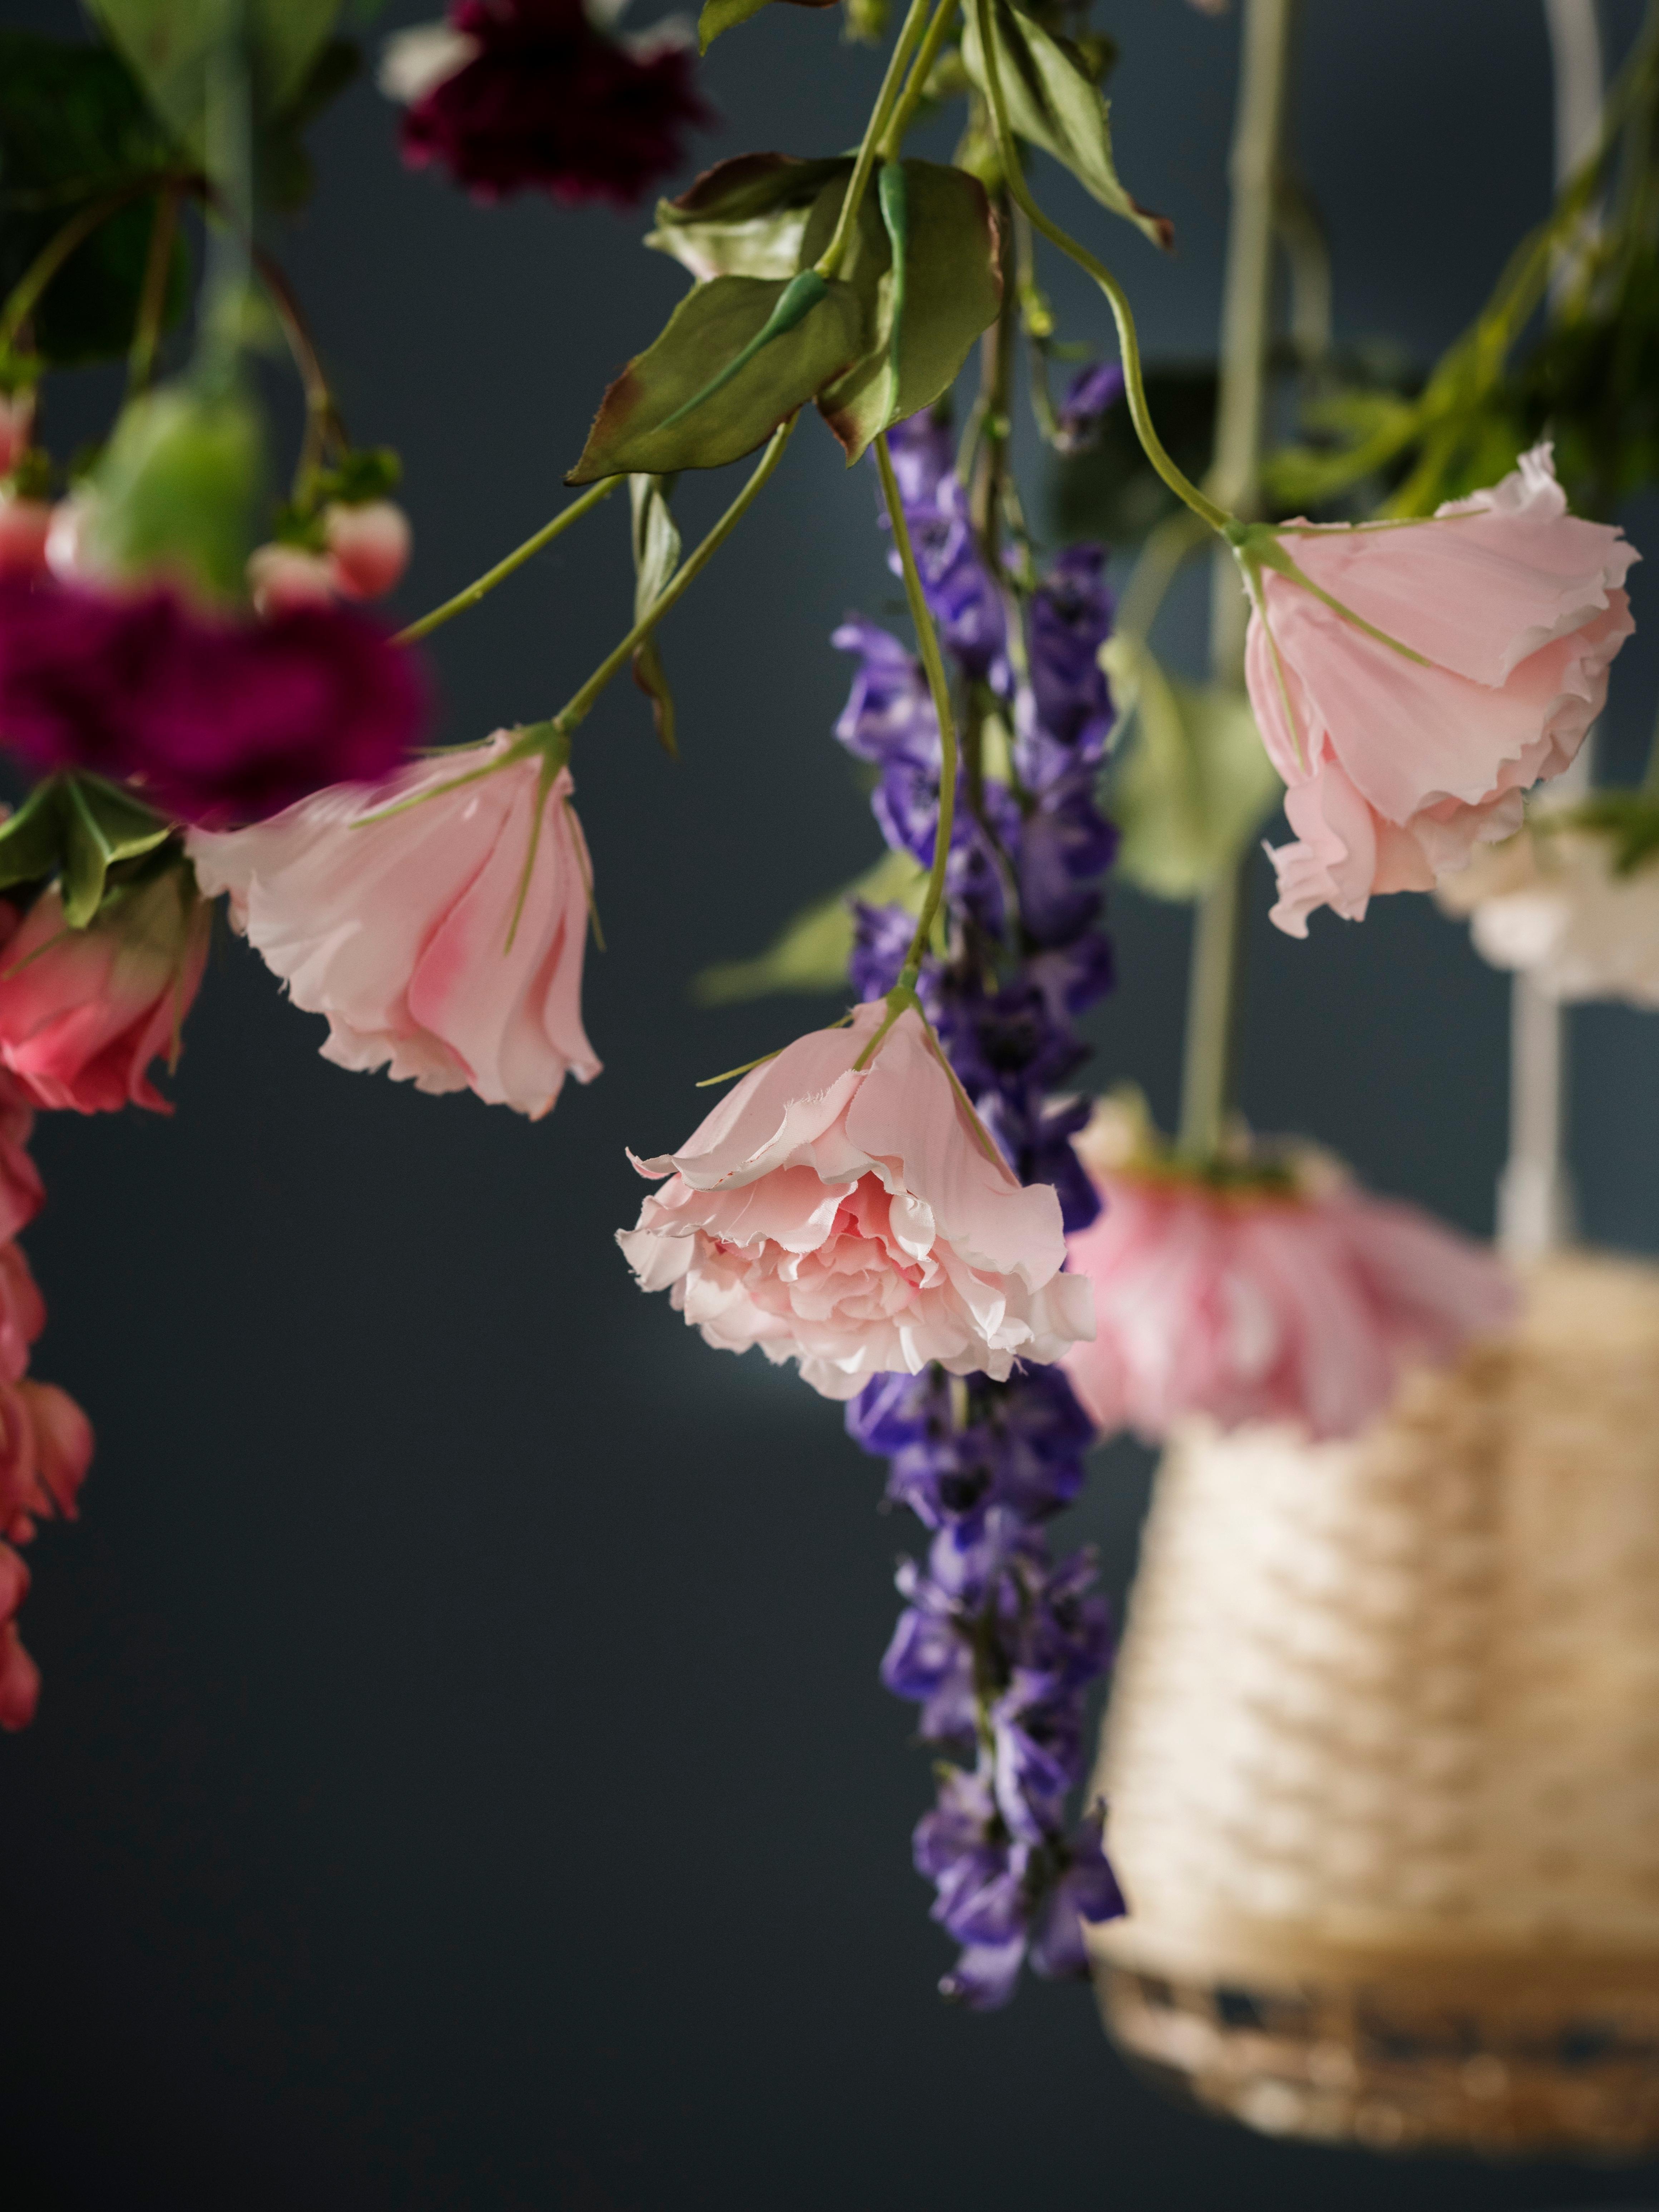 Gros plan de fleurs artificielles colorées suspendues vers le bas, avec l'accent mis sur une fleur artificielle SMYCKA Lisianthus/rose.